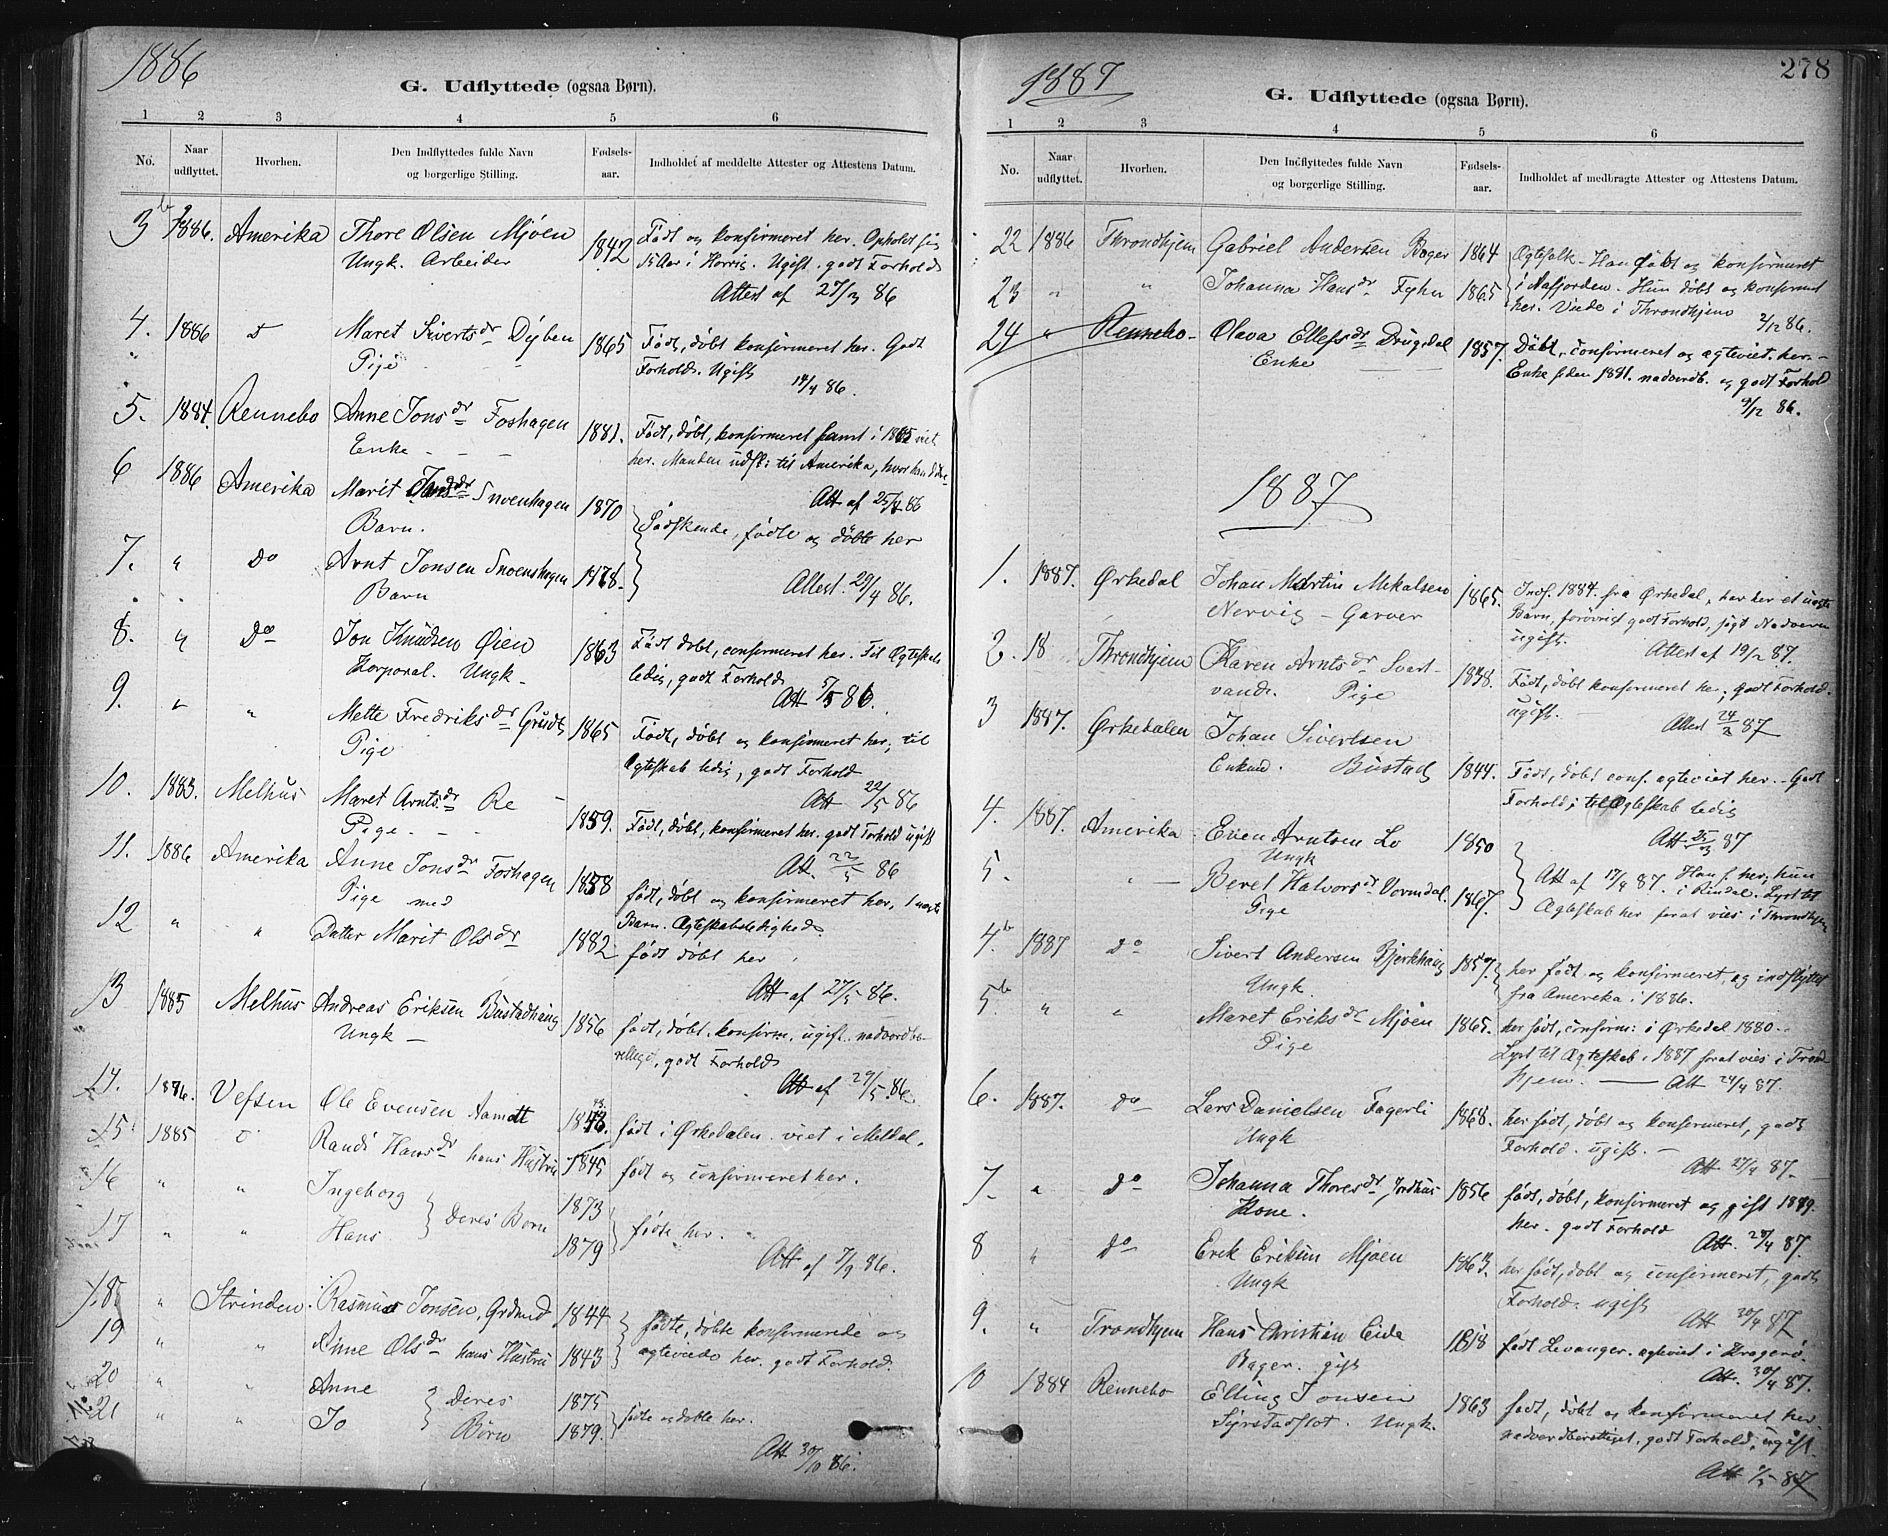 SAT, Ministerialprotokoller, klokkerbøker og fødselsregistre - Sør-Trøndelag, 672/L0857: Ministerialbok nr. 672A09, 1882-1893, s. 278